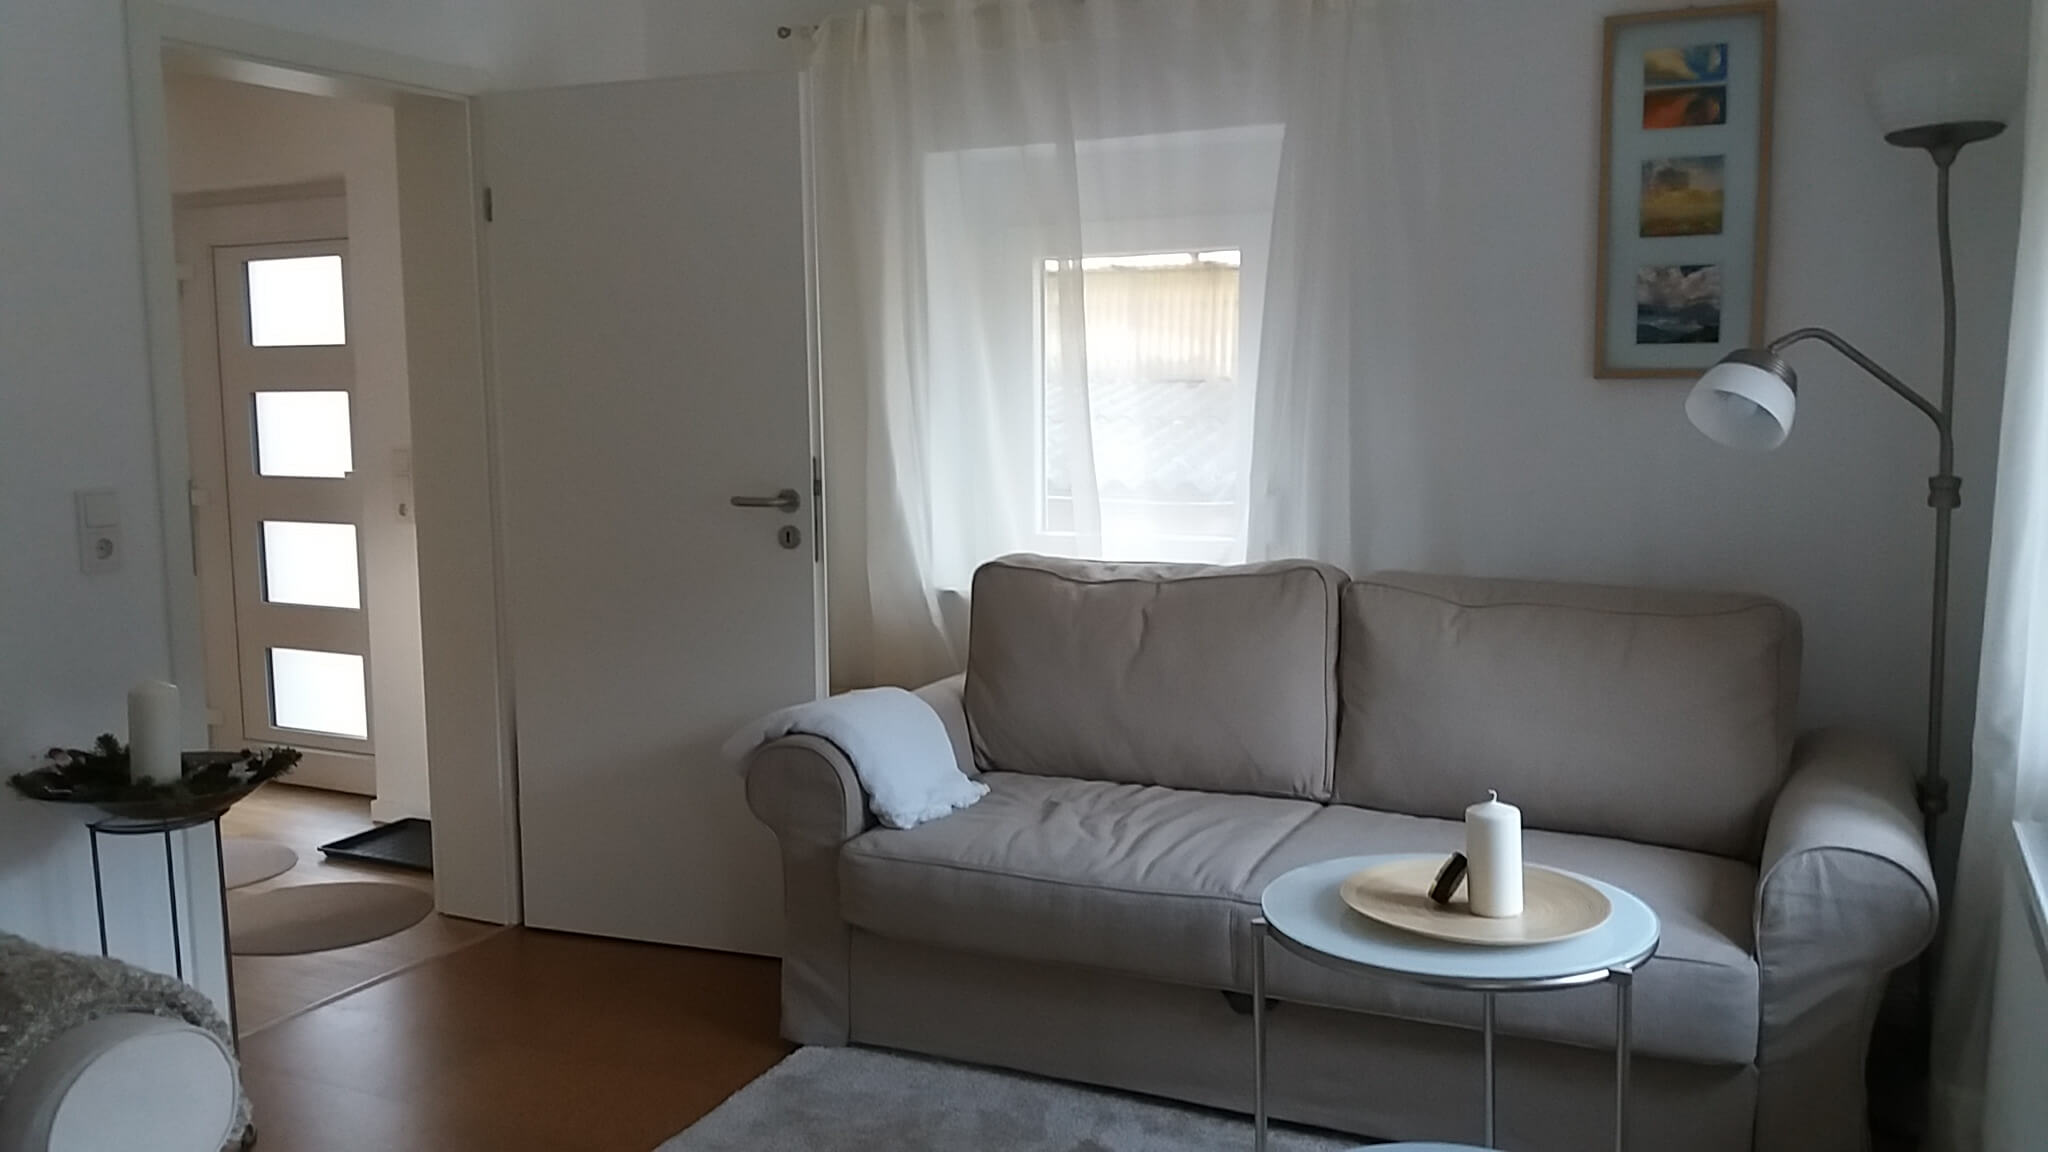 Wohnzimmer mit Sofa, Tür